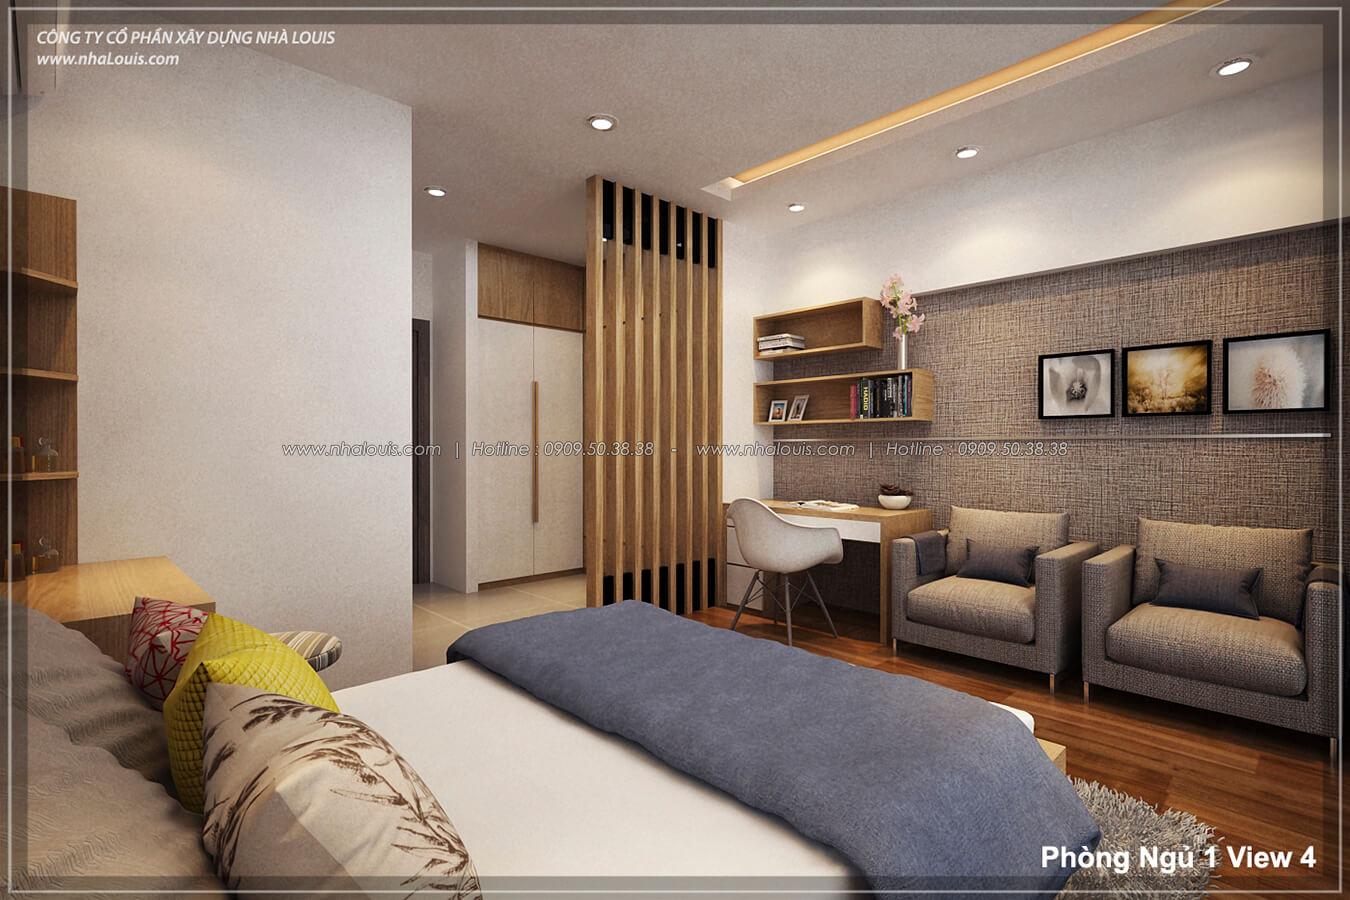 Phòng ngủ Thiết kế nhà lệch tầng đẹp 4.5x14.5m hiện đại tại quận Tân Bình - 15